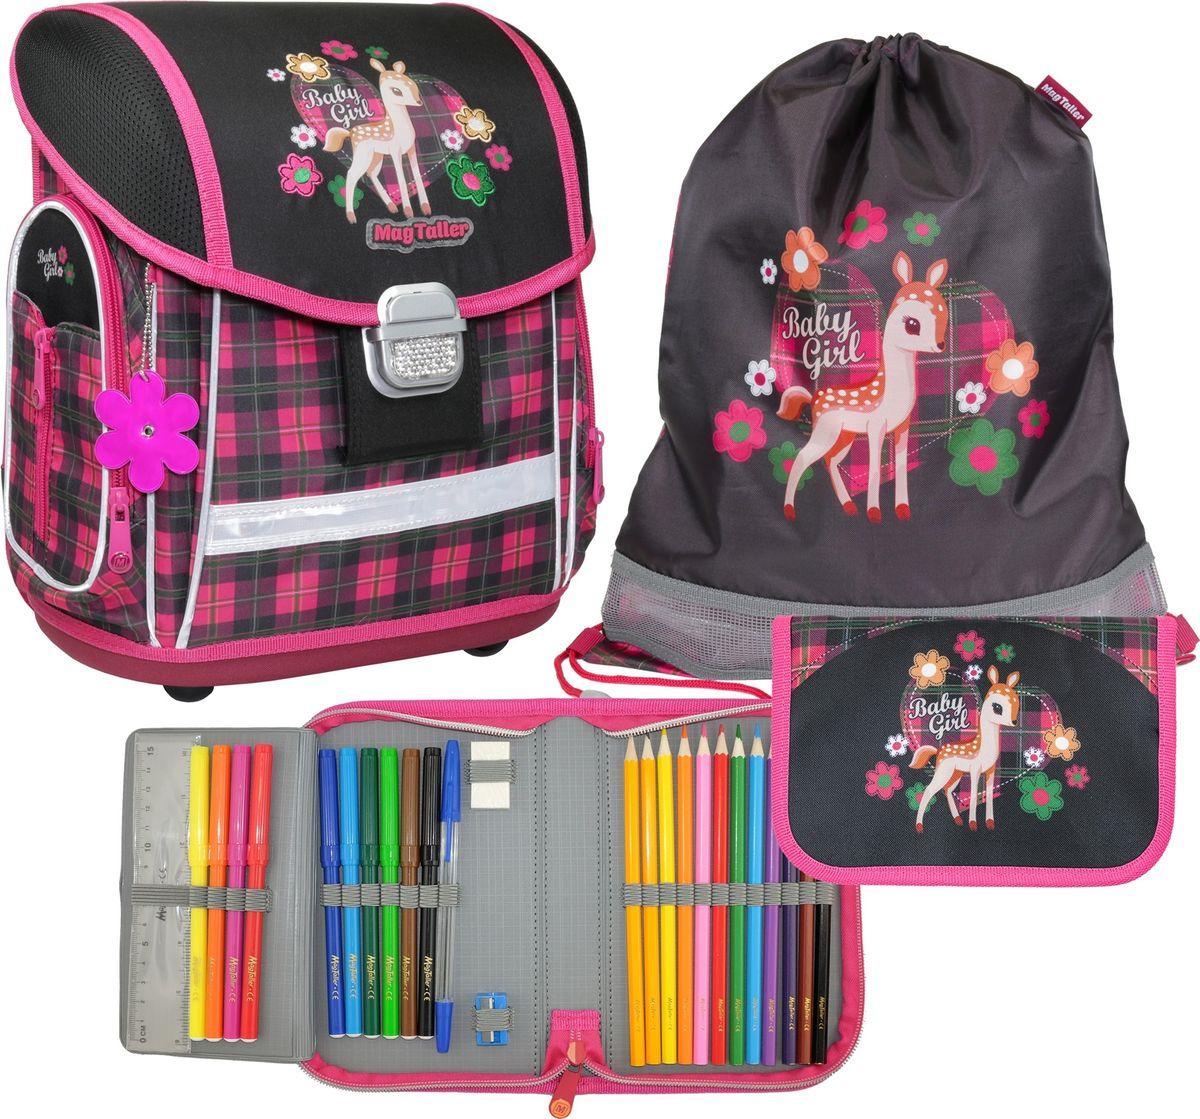 Ранец школьный MagTaller Evo Fawn, с наполнением, 21815-03, разноцветный, 37 х 30 21 см